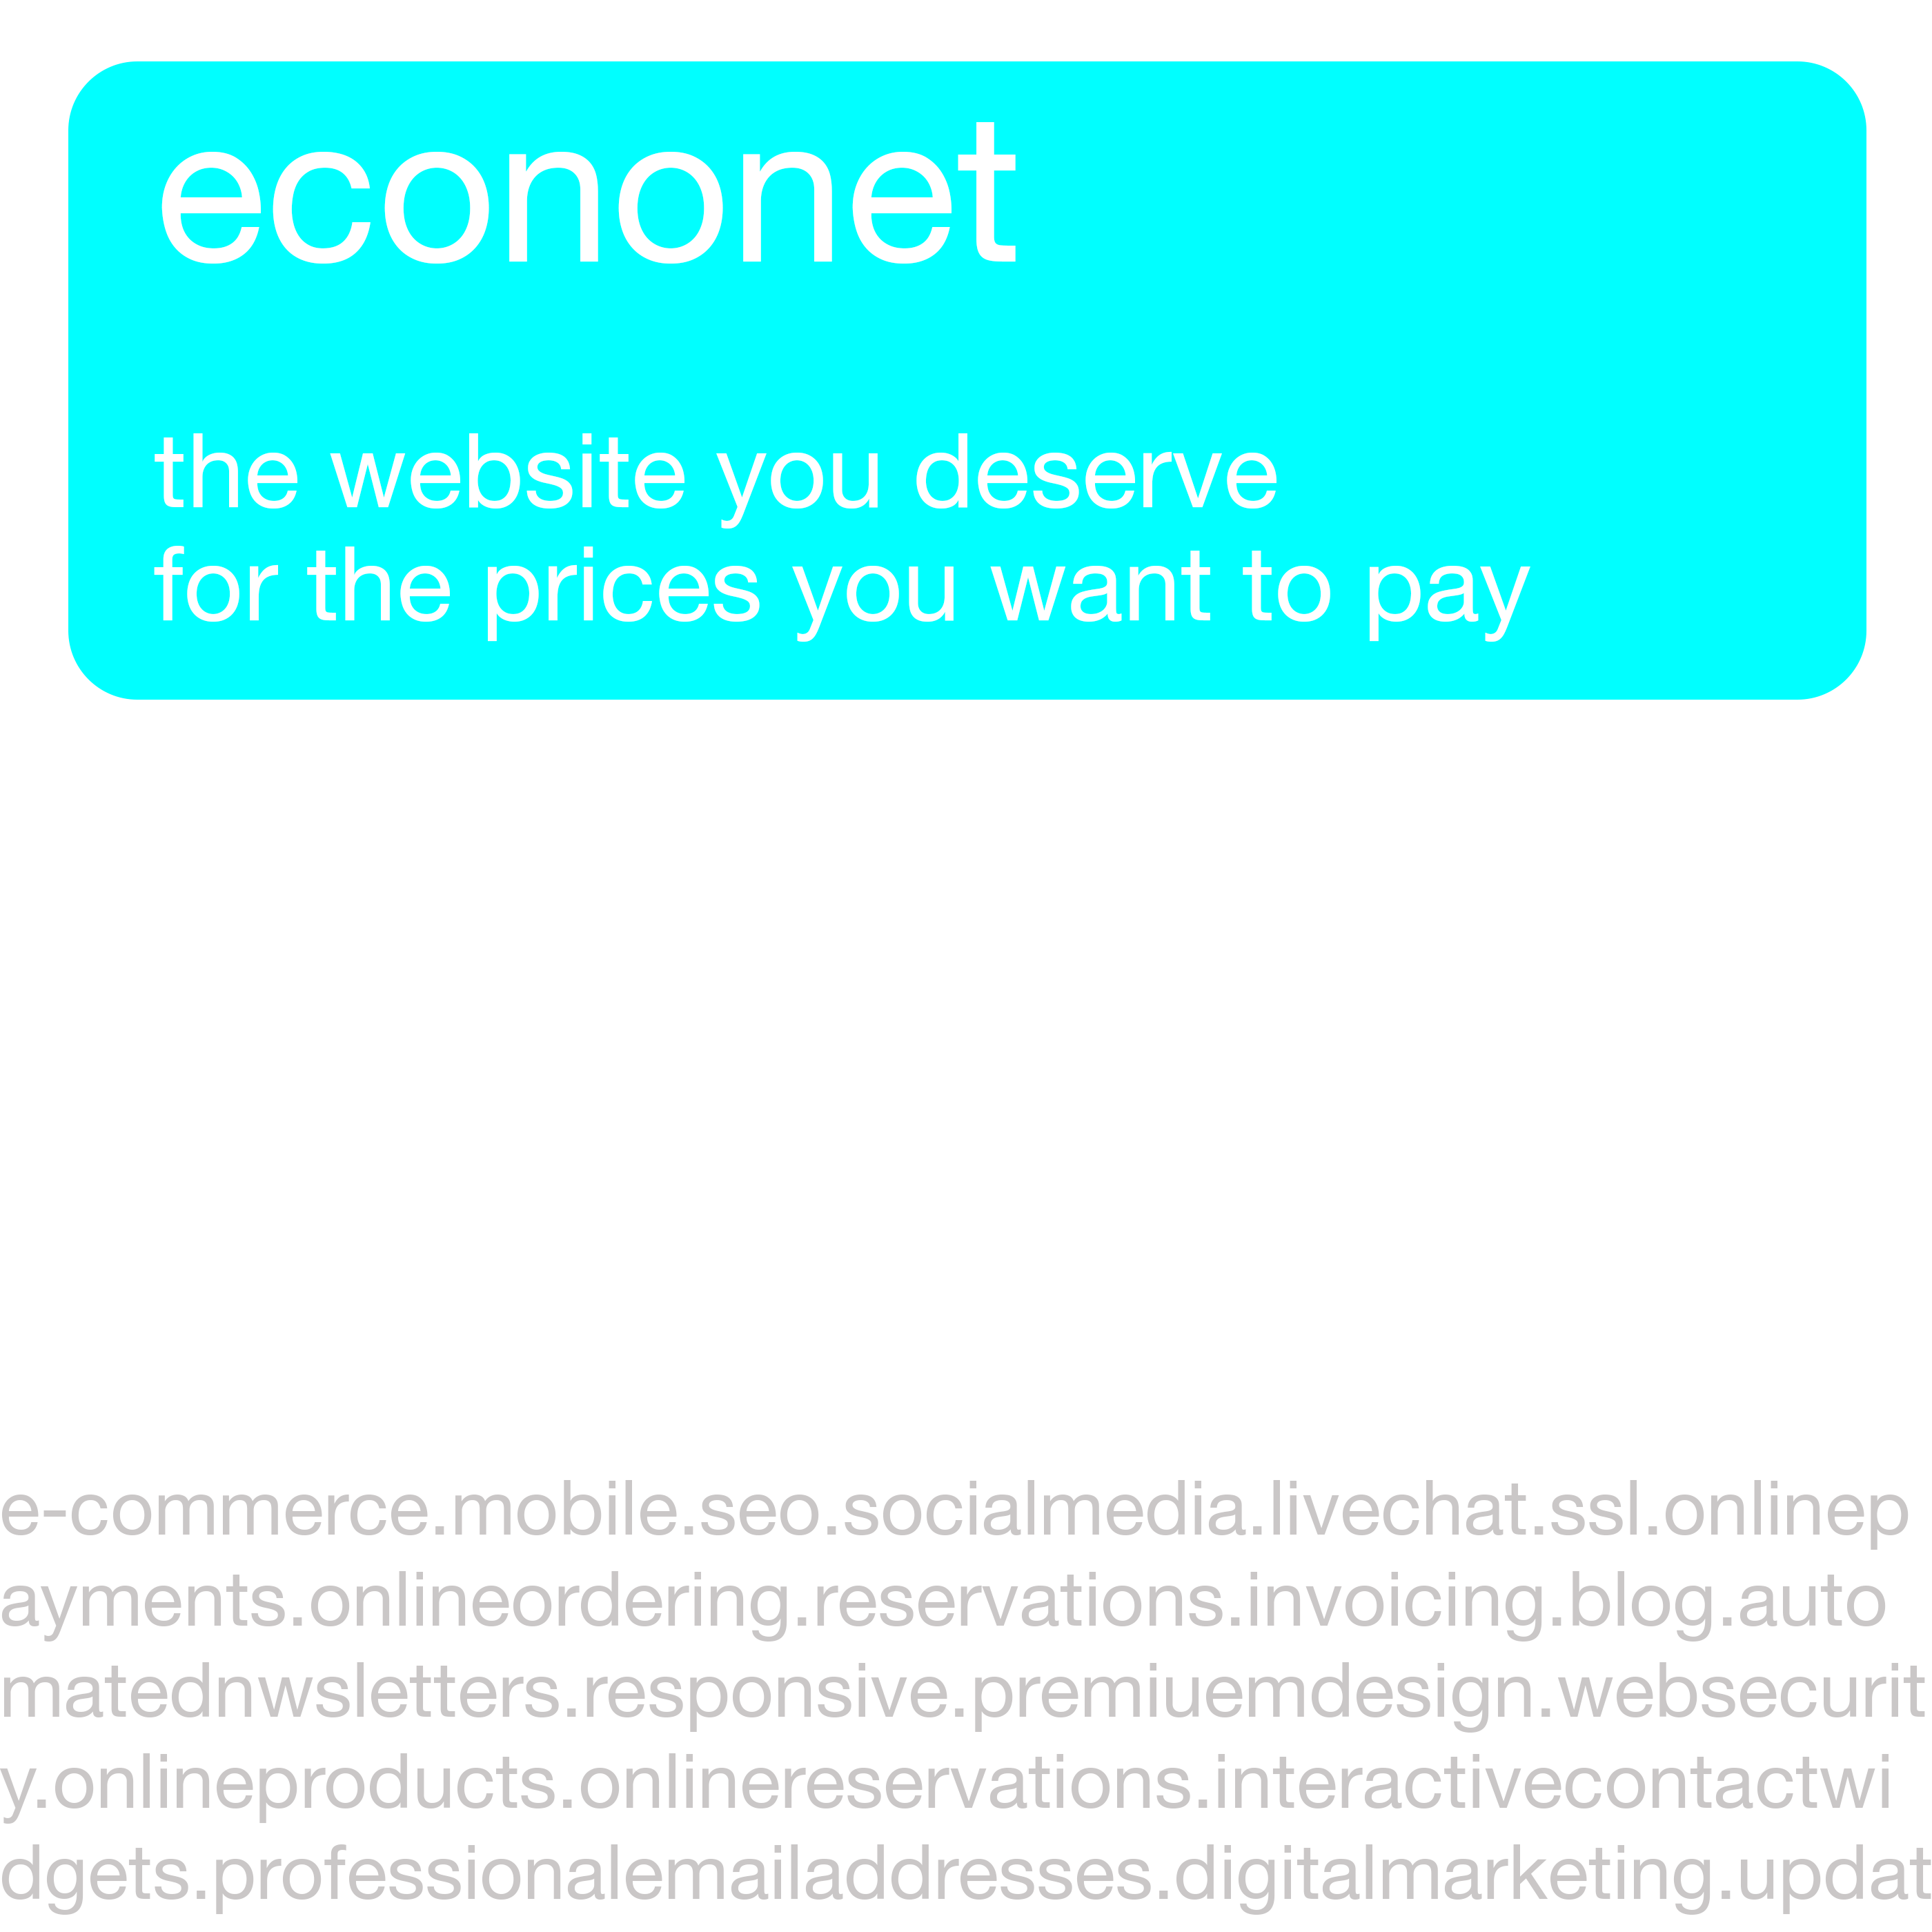 econoNet